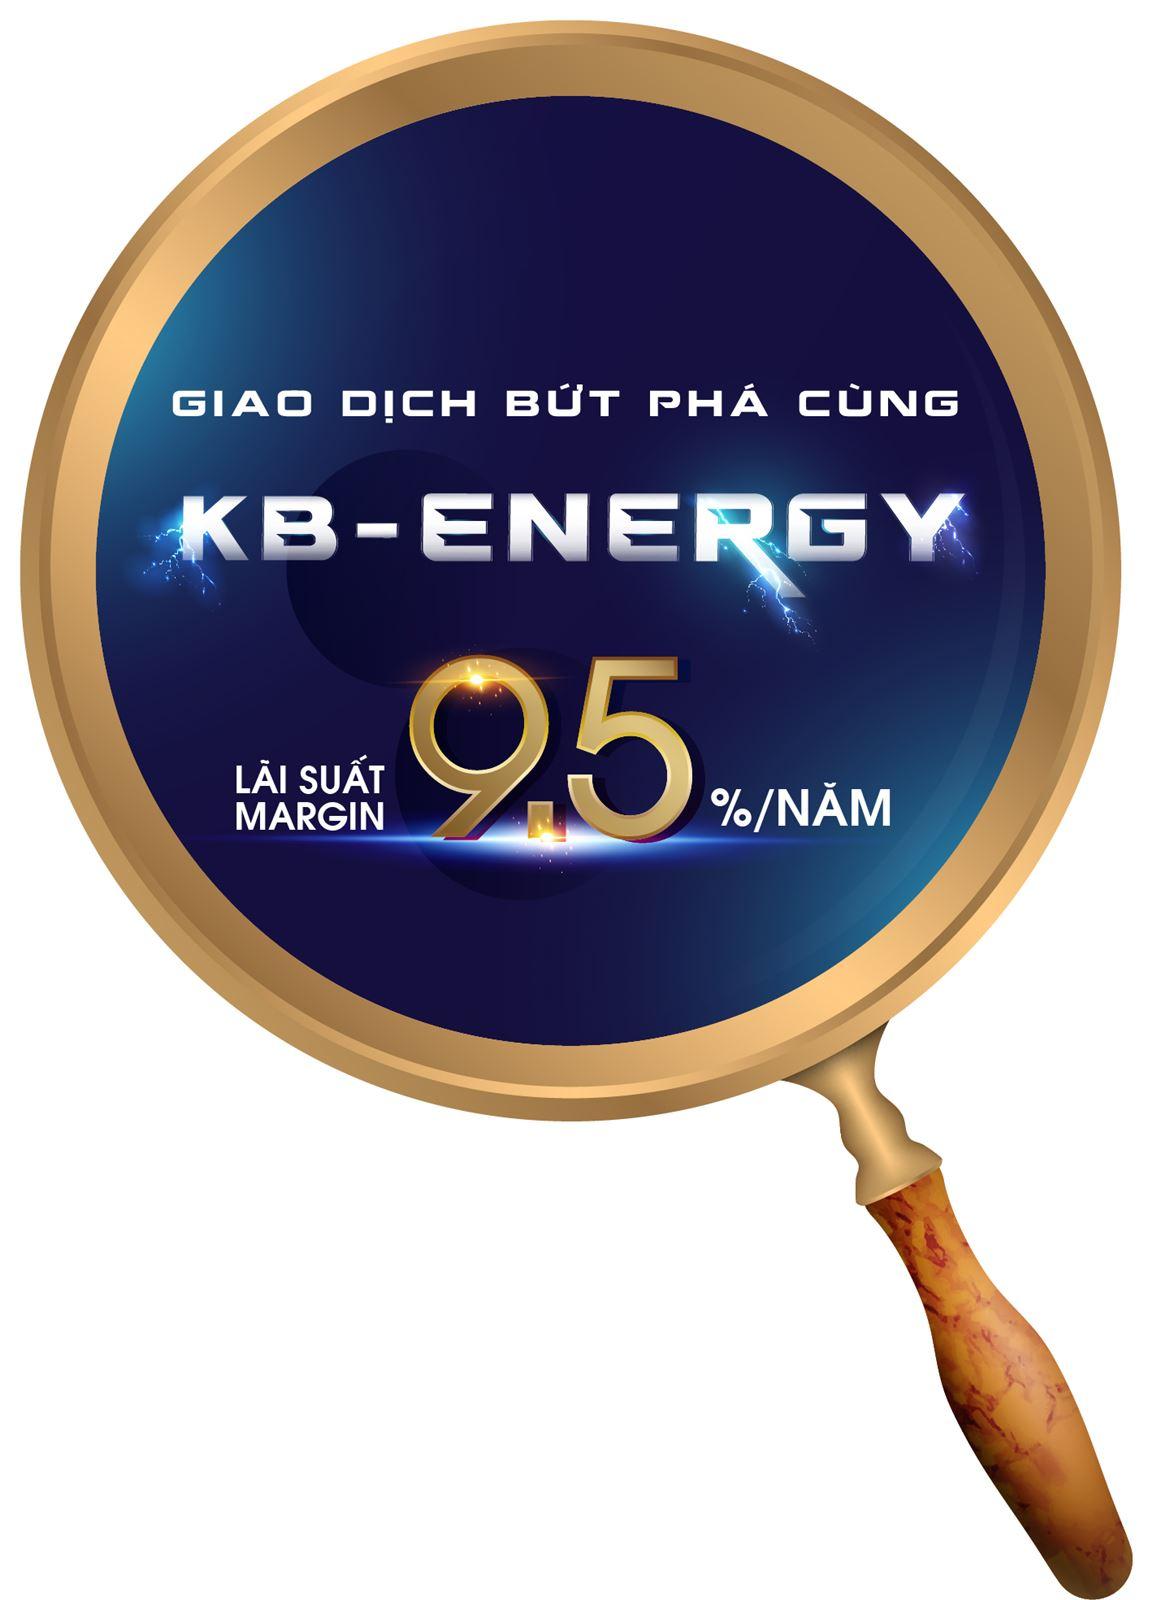 Lãi suất đặc quyền KB-Energy